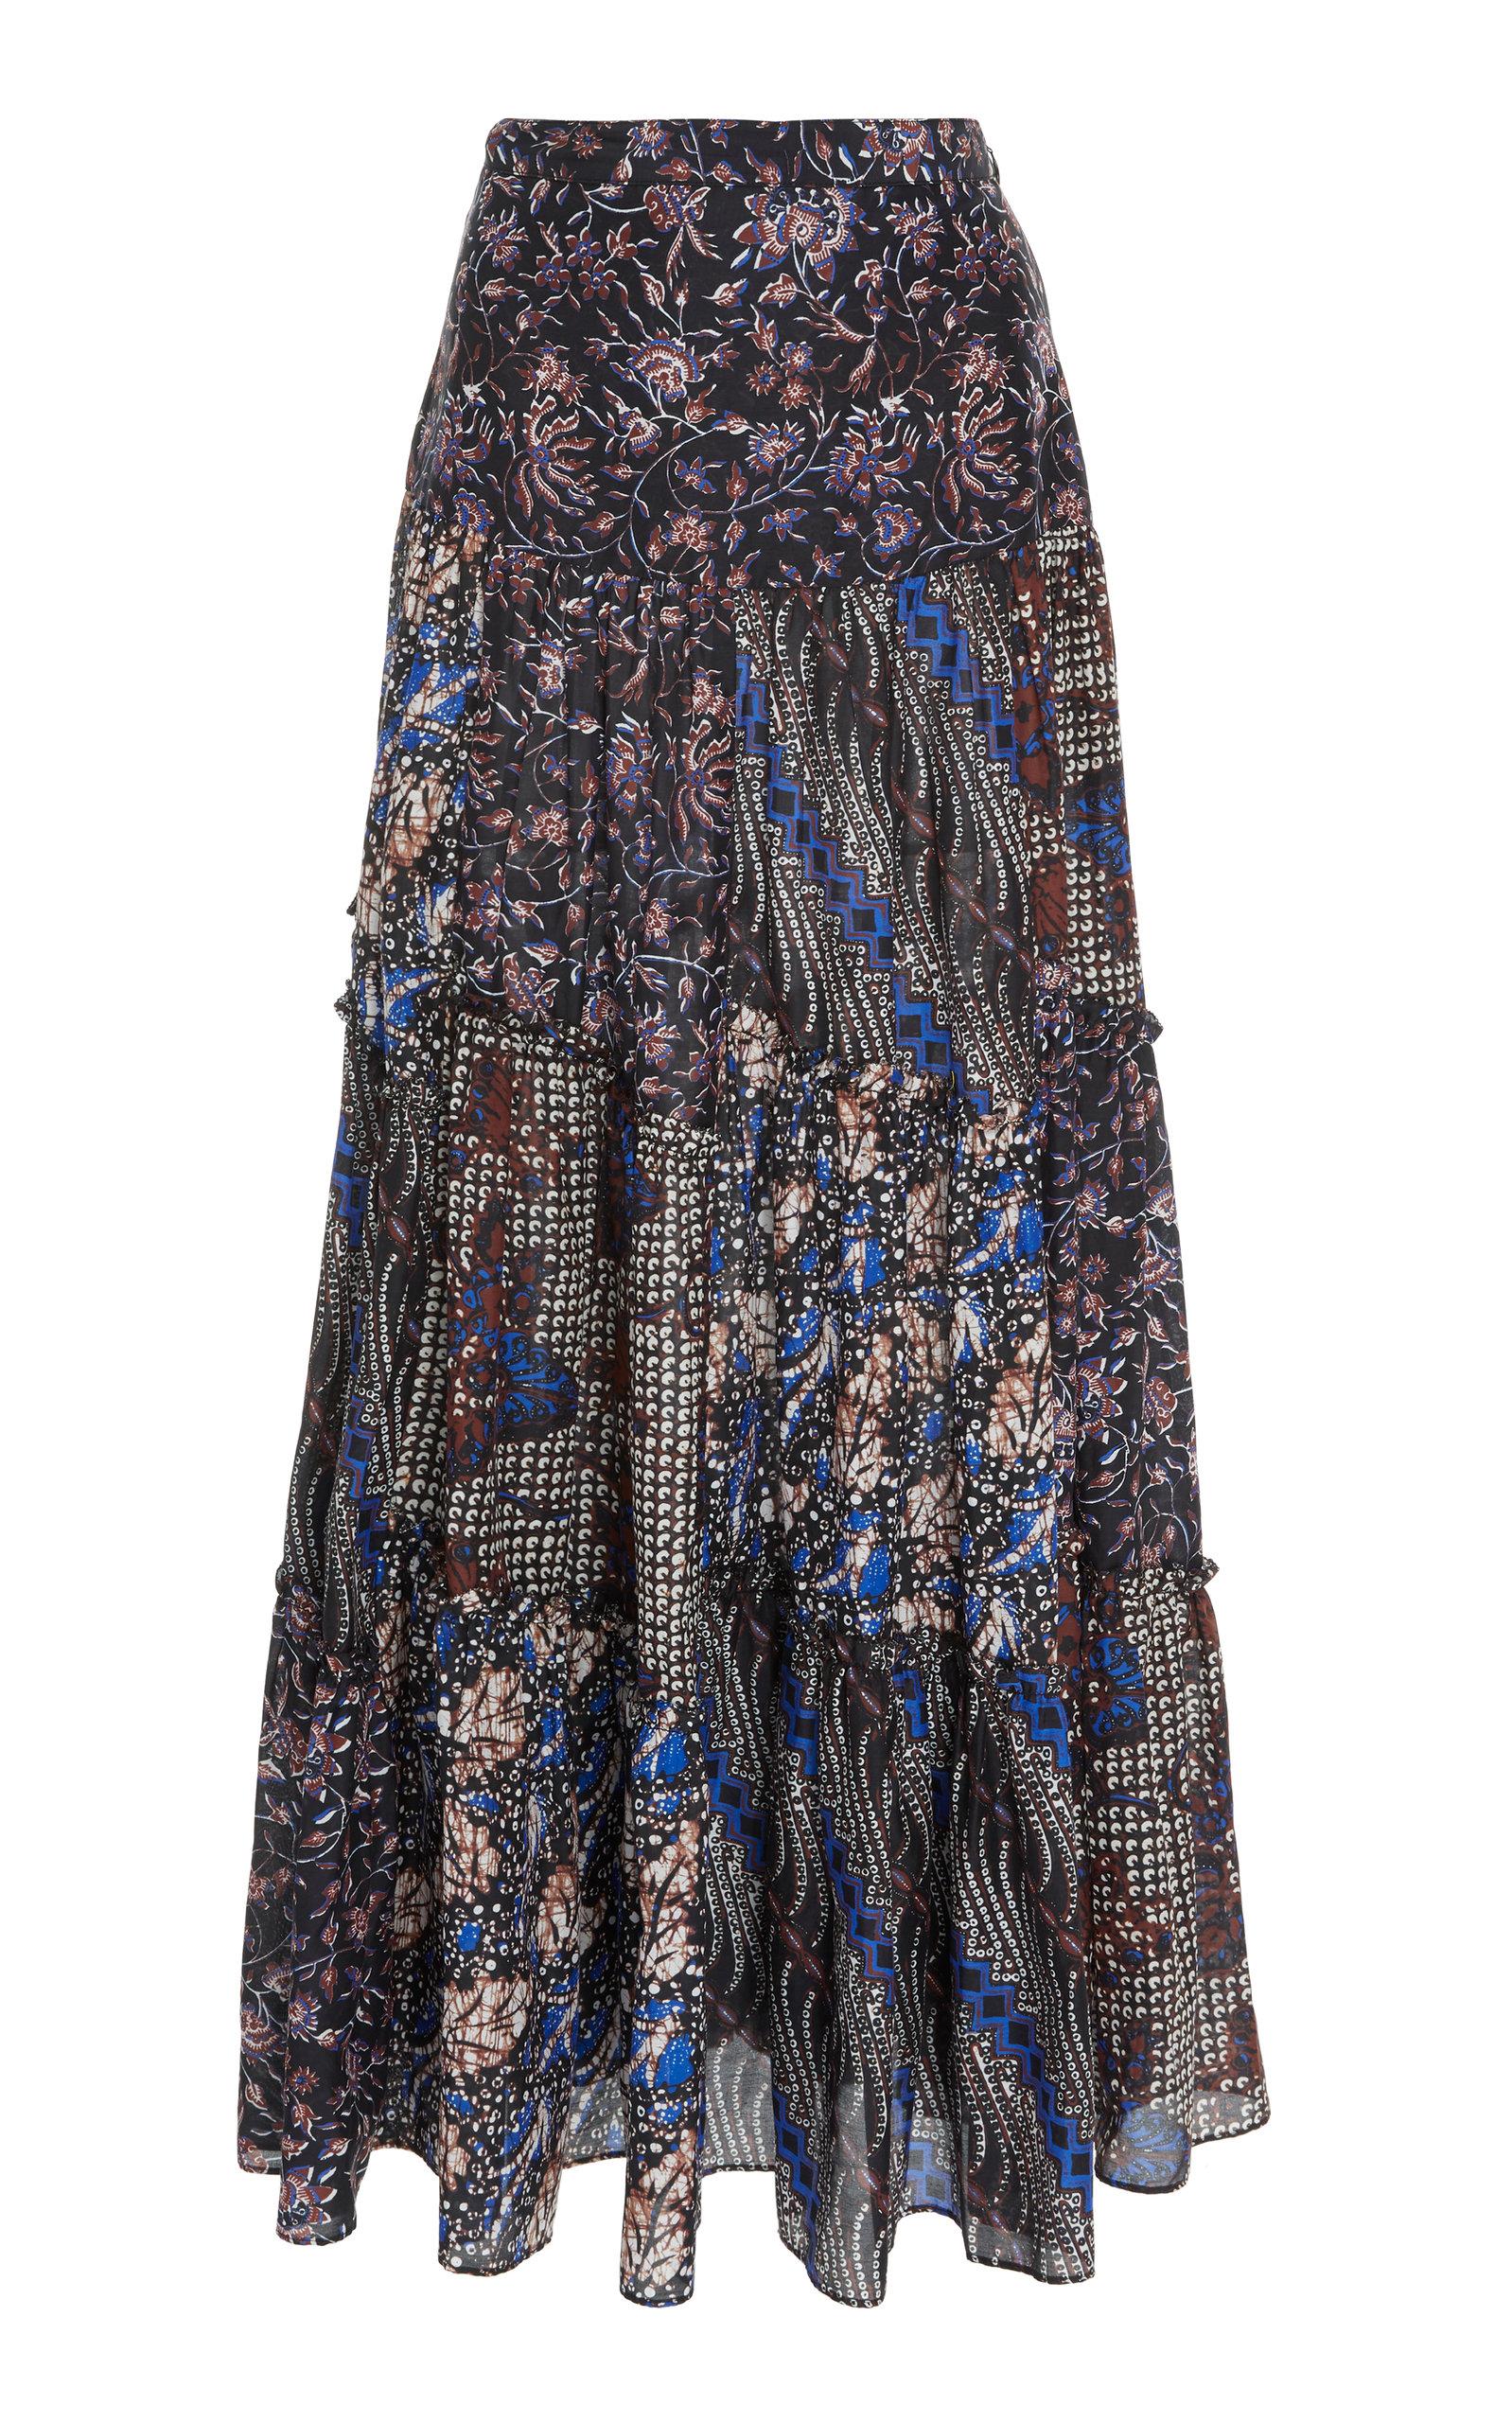 ULLA JOHNSON Aslila Tiered Cotton-Silk Maxi Skirt